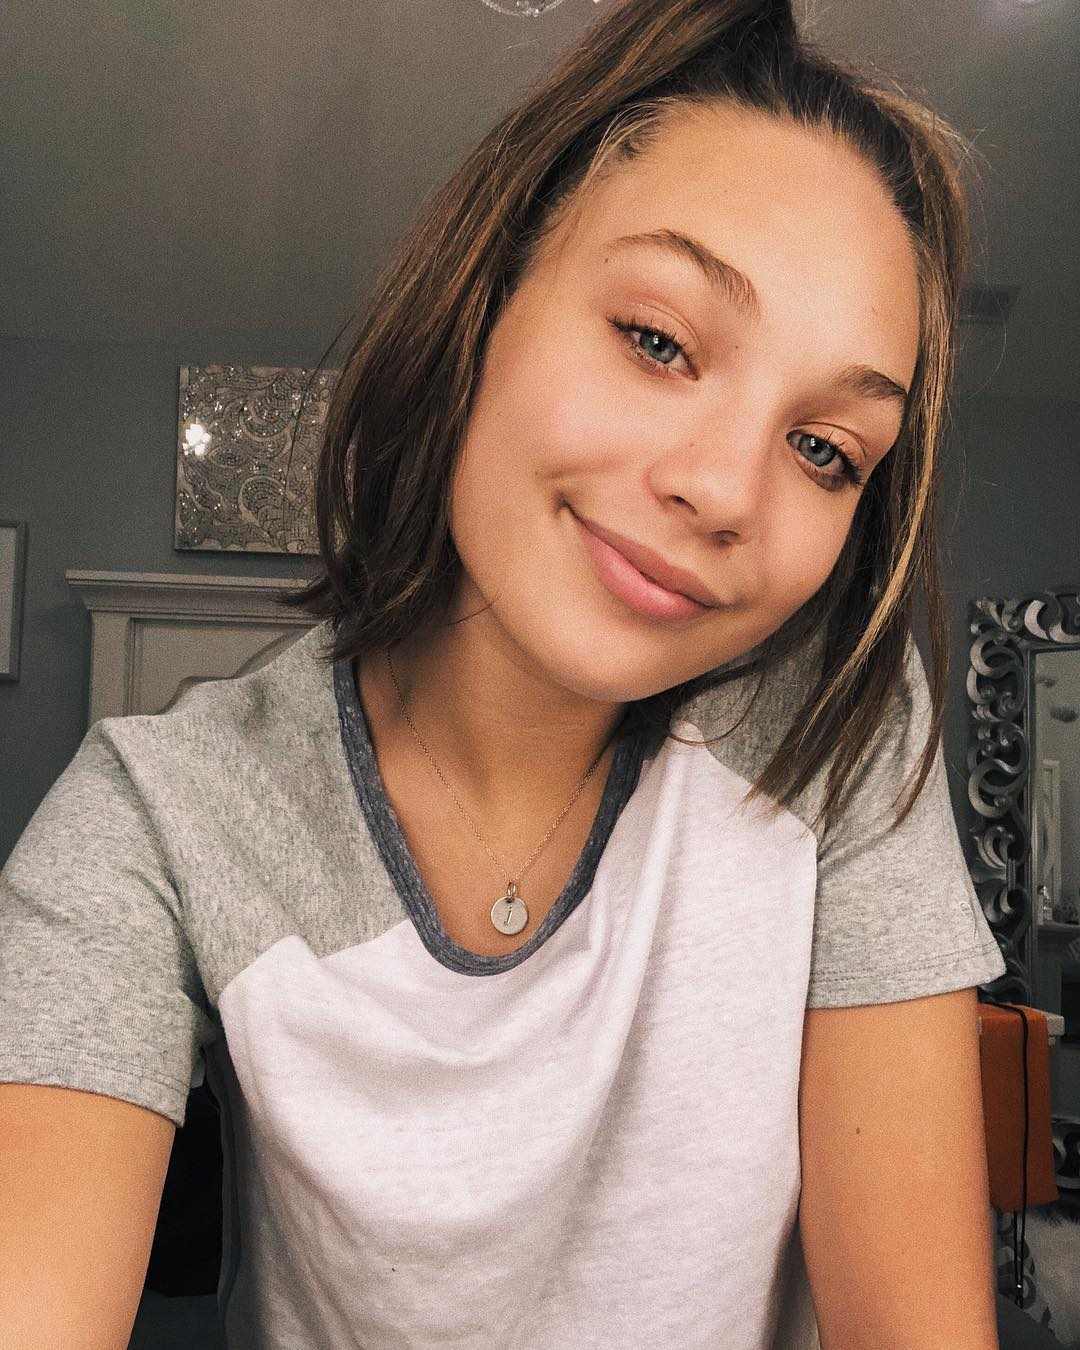 Maddie selfie at home